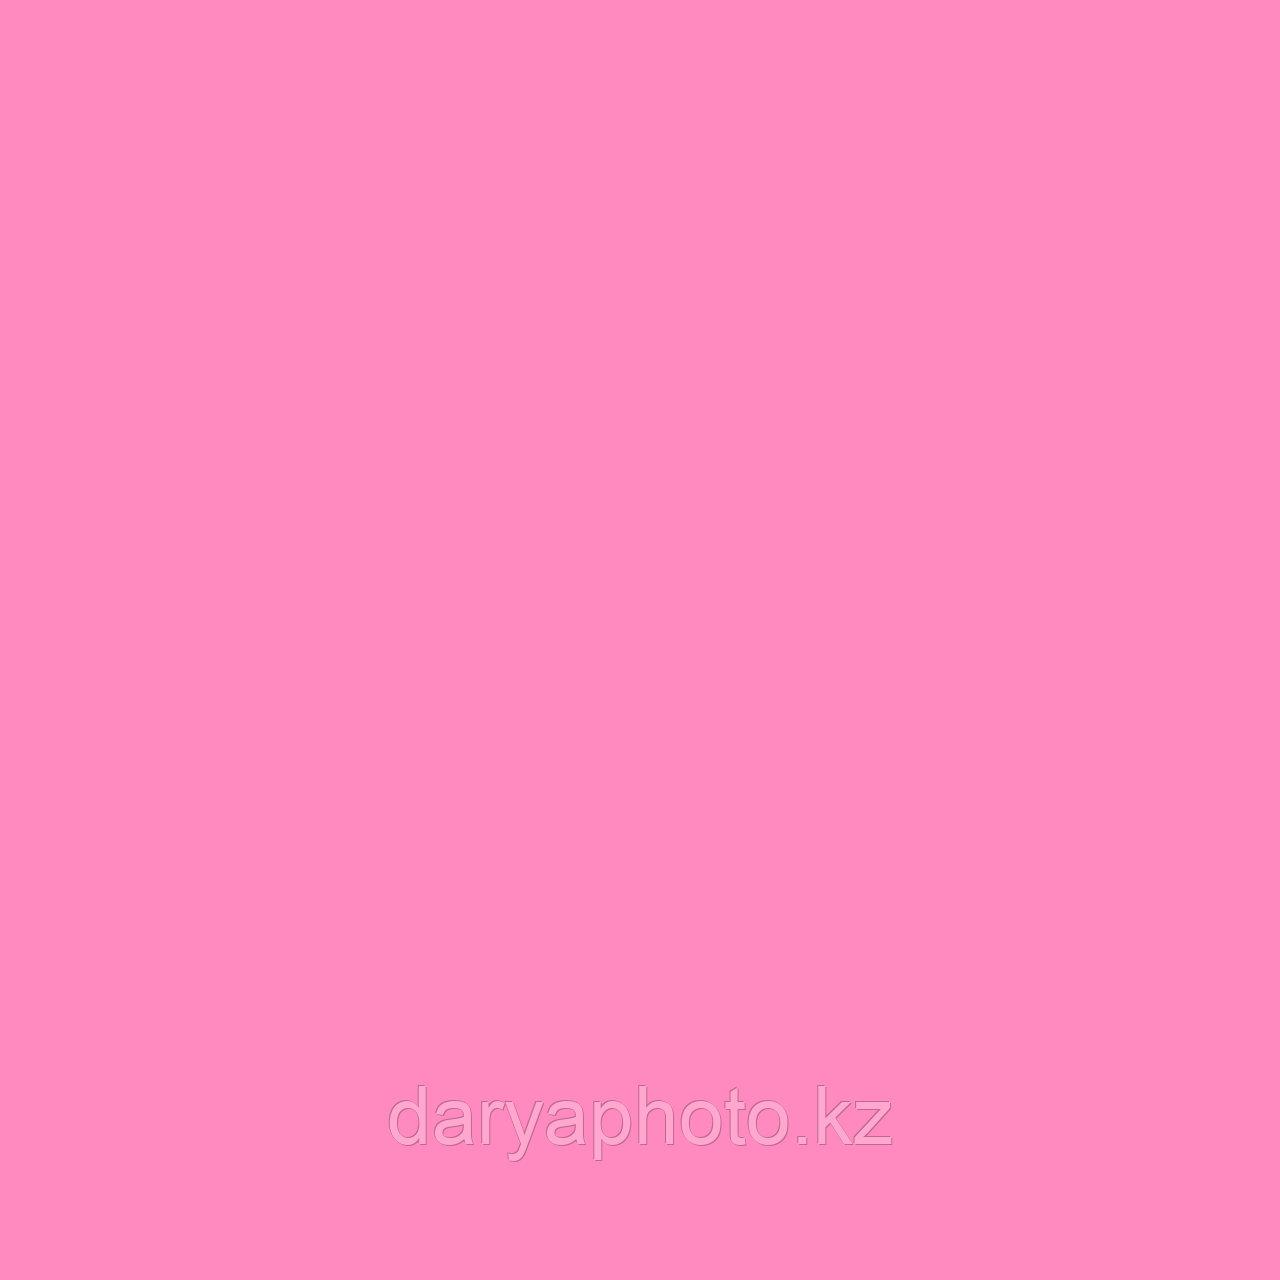 Светло розовый Фон бумажный. Фотофон. Фон для фотостудии